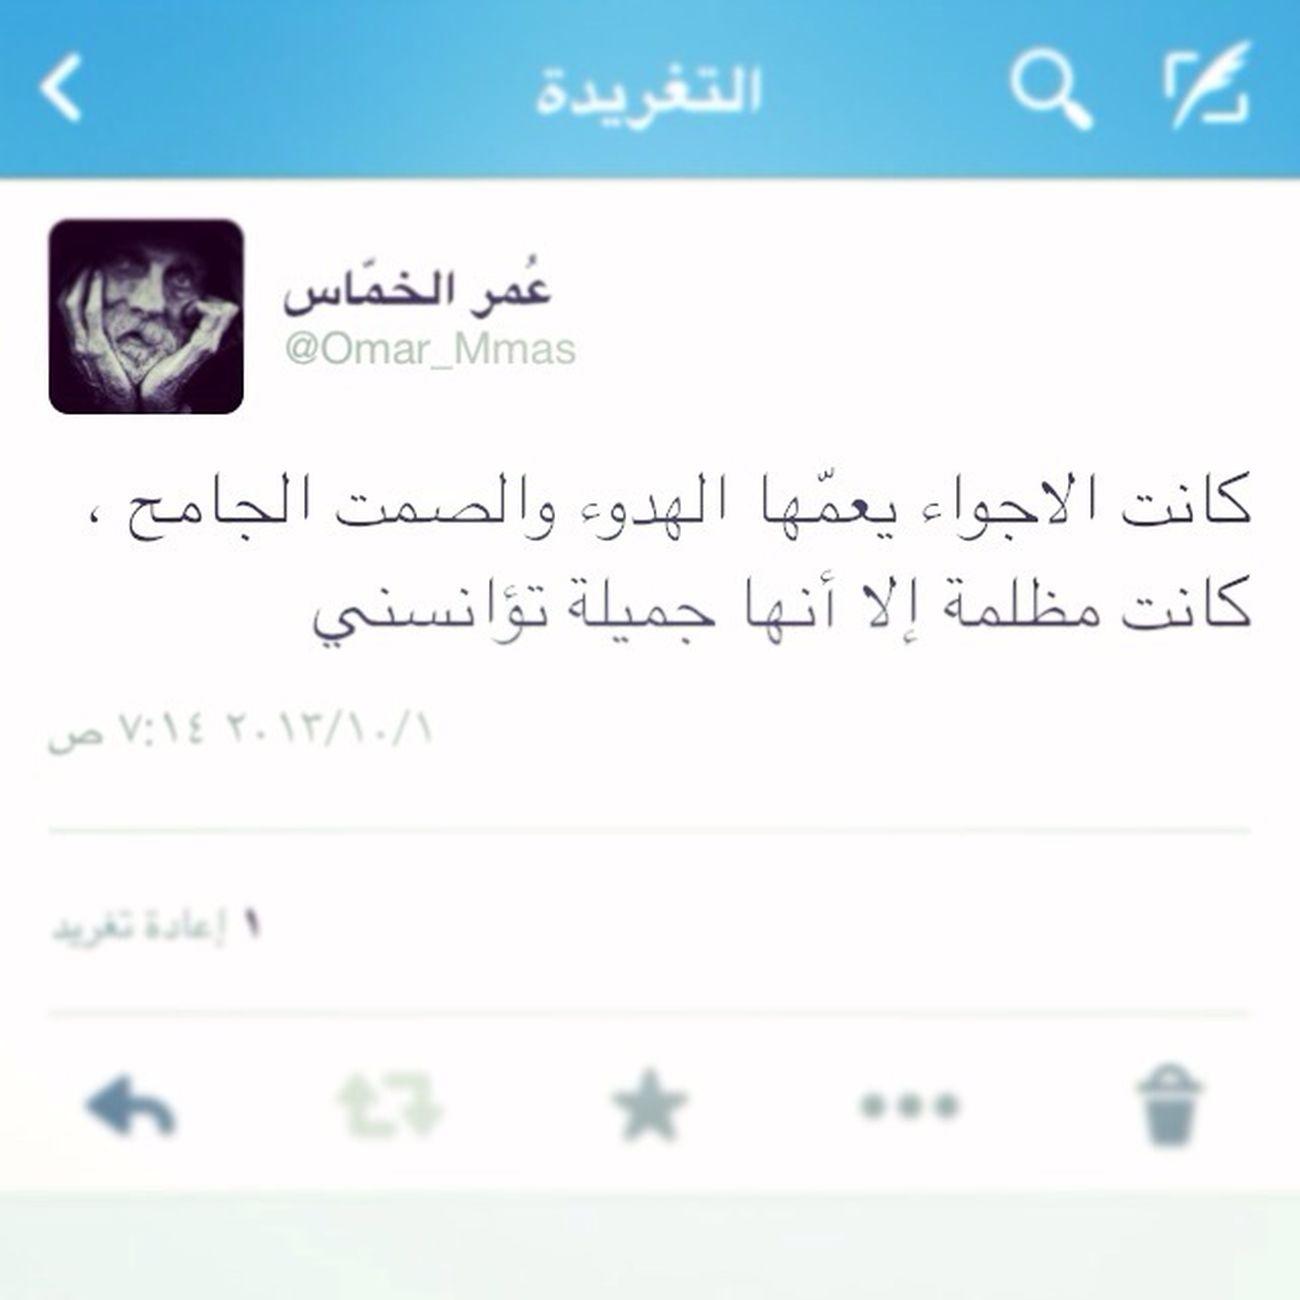 تويتر خواطر جامعة الملك فيصل KFU